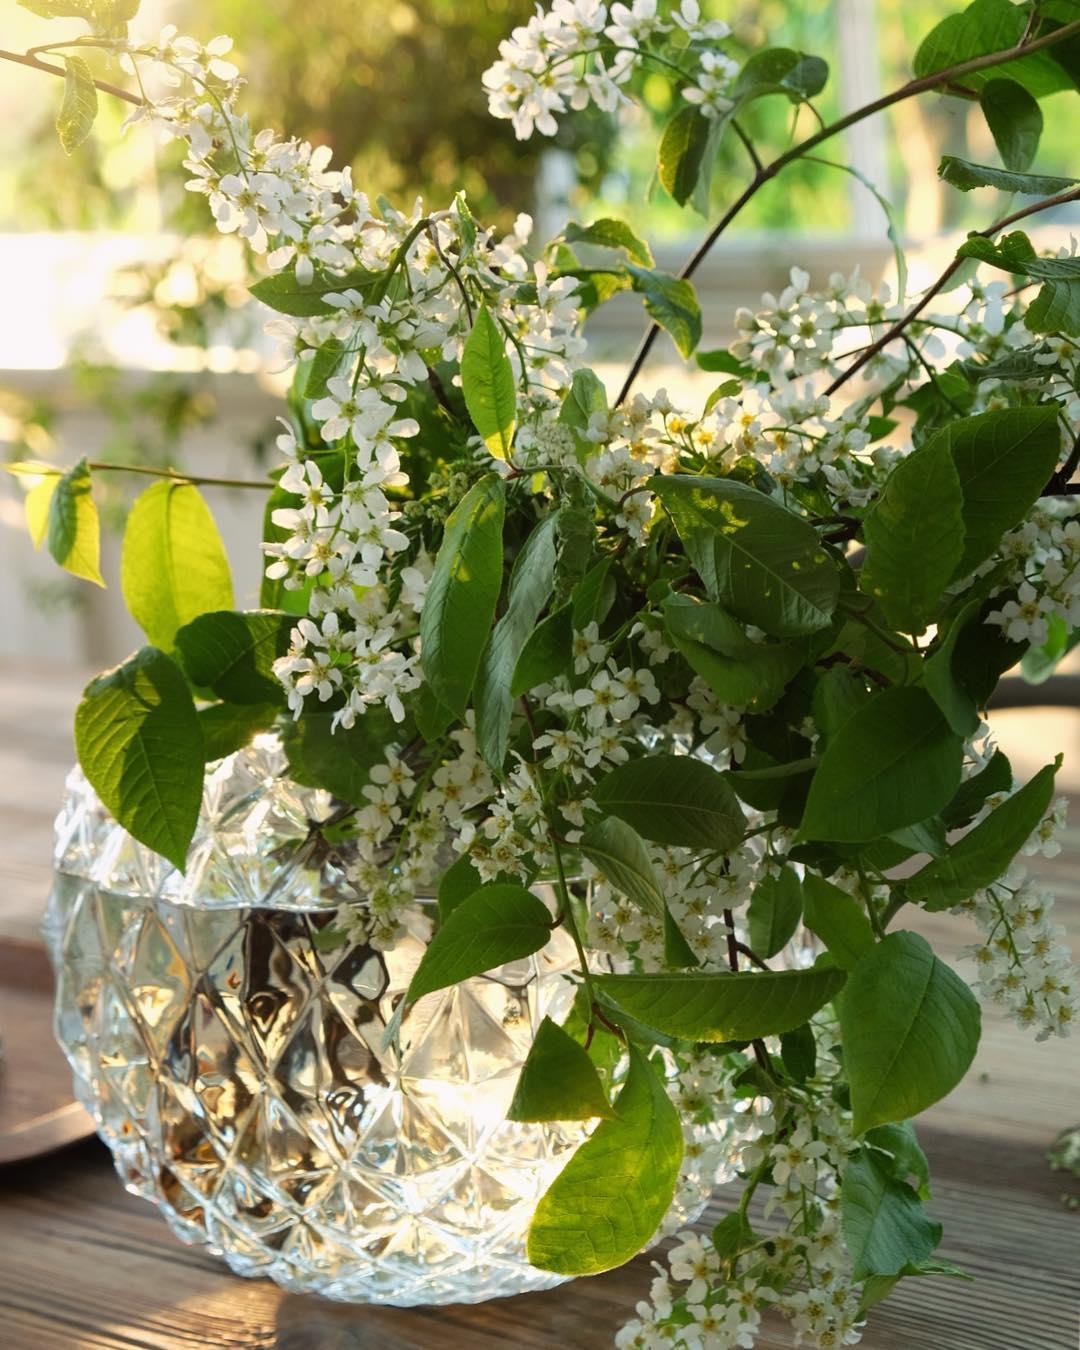 Att hggen blommar som finast och att syrenerna snart slrhellip